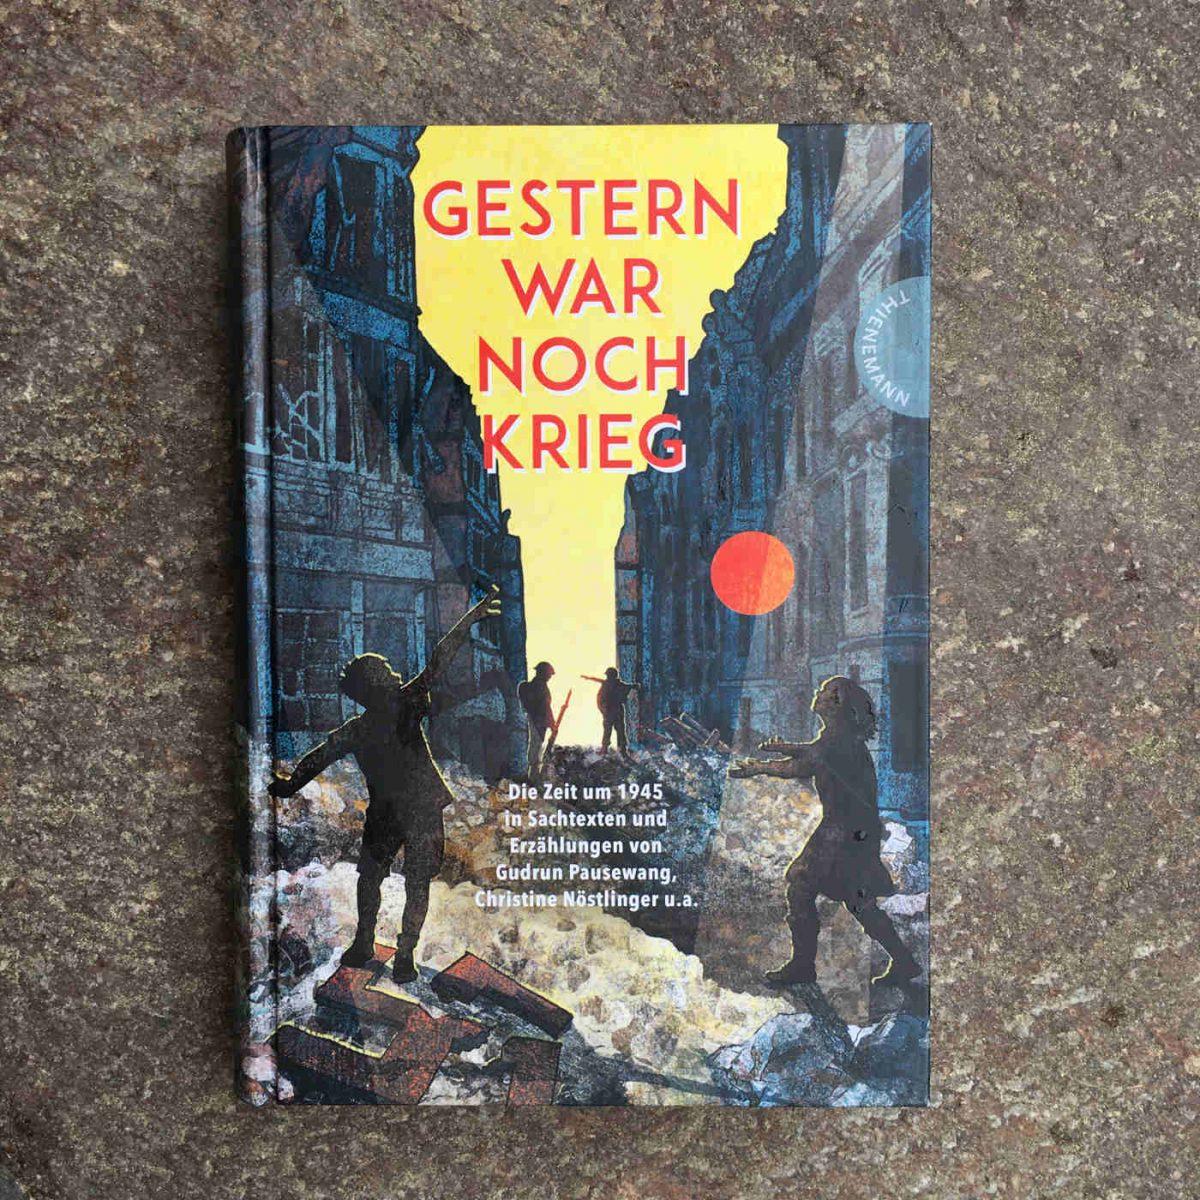 Martin Verg und Jürgen Hübner, Hg.: Gestern war noch Krieg: Die Zeit um 1945 in Sachtexten und Erzählungen von Gudrun Pausewang, Christine Nöstlinger, Klaus Kordon u.a.